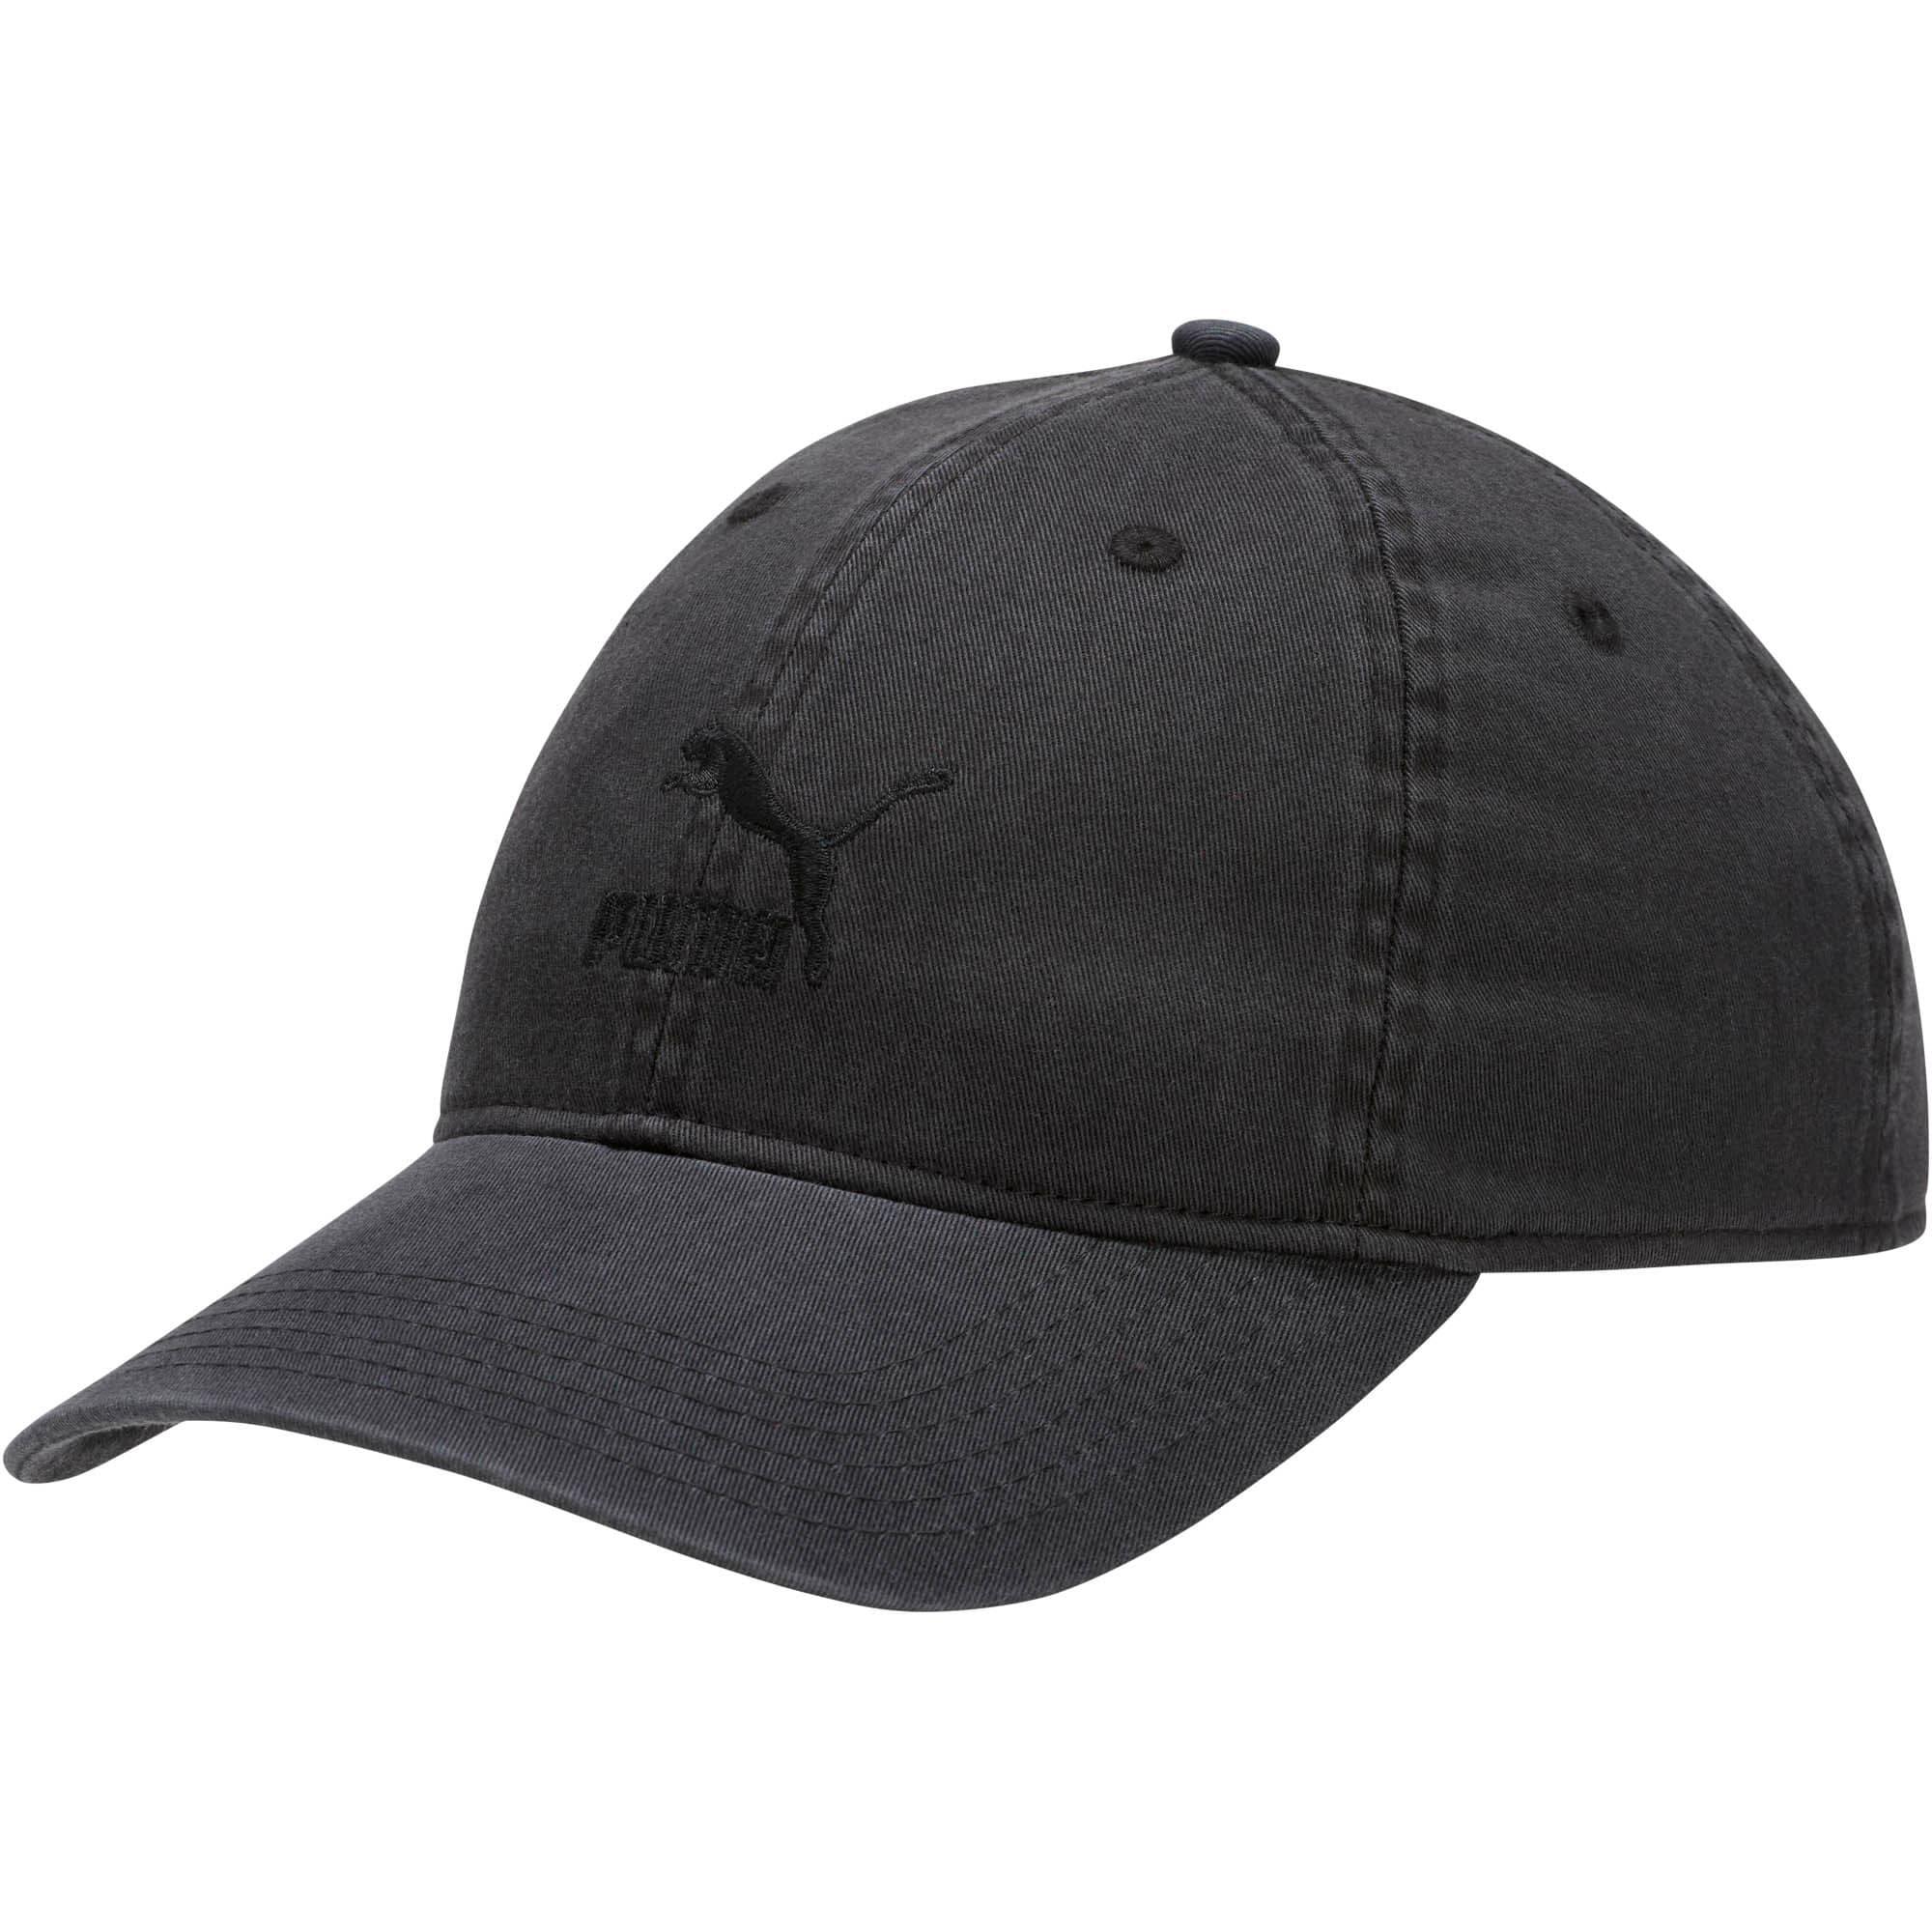 Thumbnail 1 of Archive Baseball Cap, Puma Black, medium